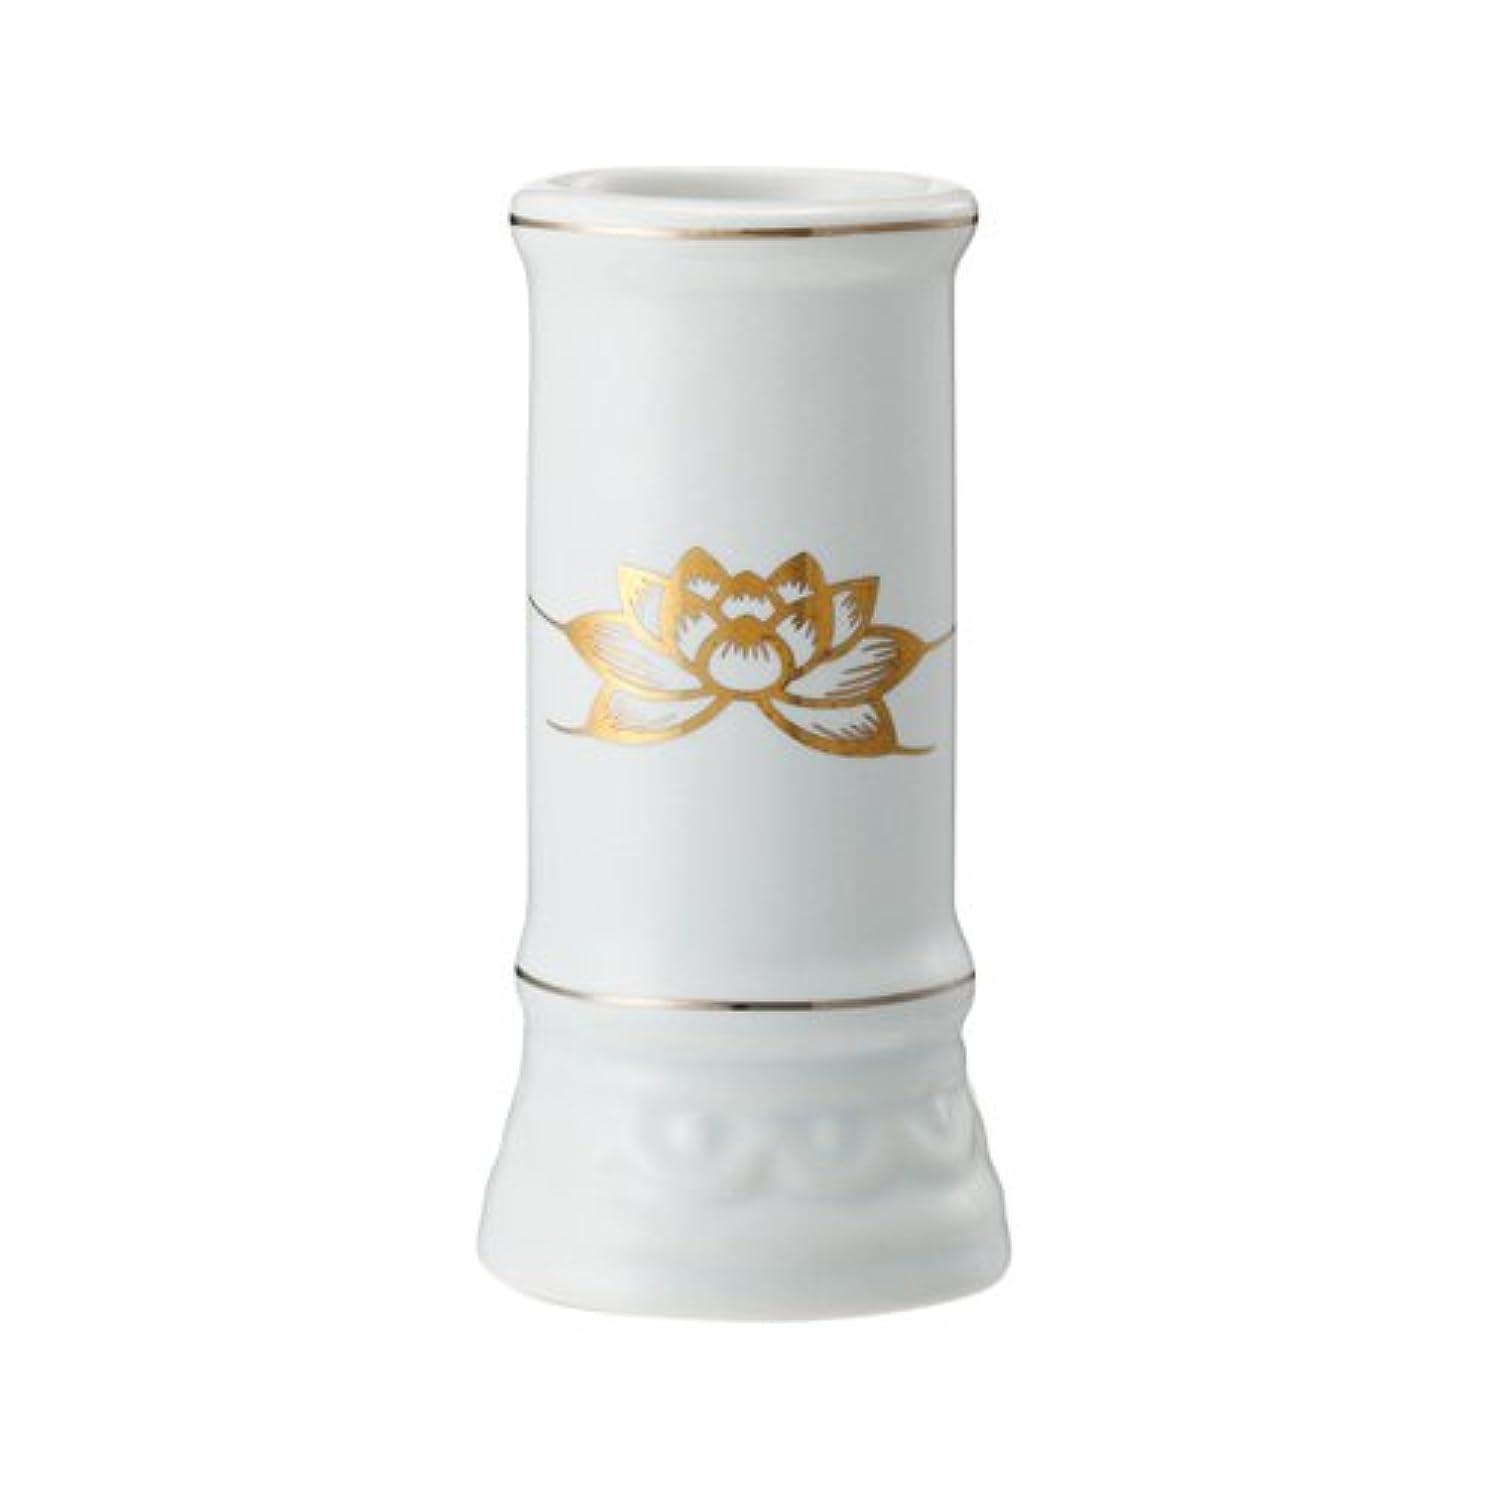 スリップ道招待日本香堂 線香立て ミニ陶器白磁